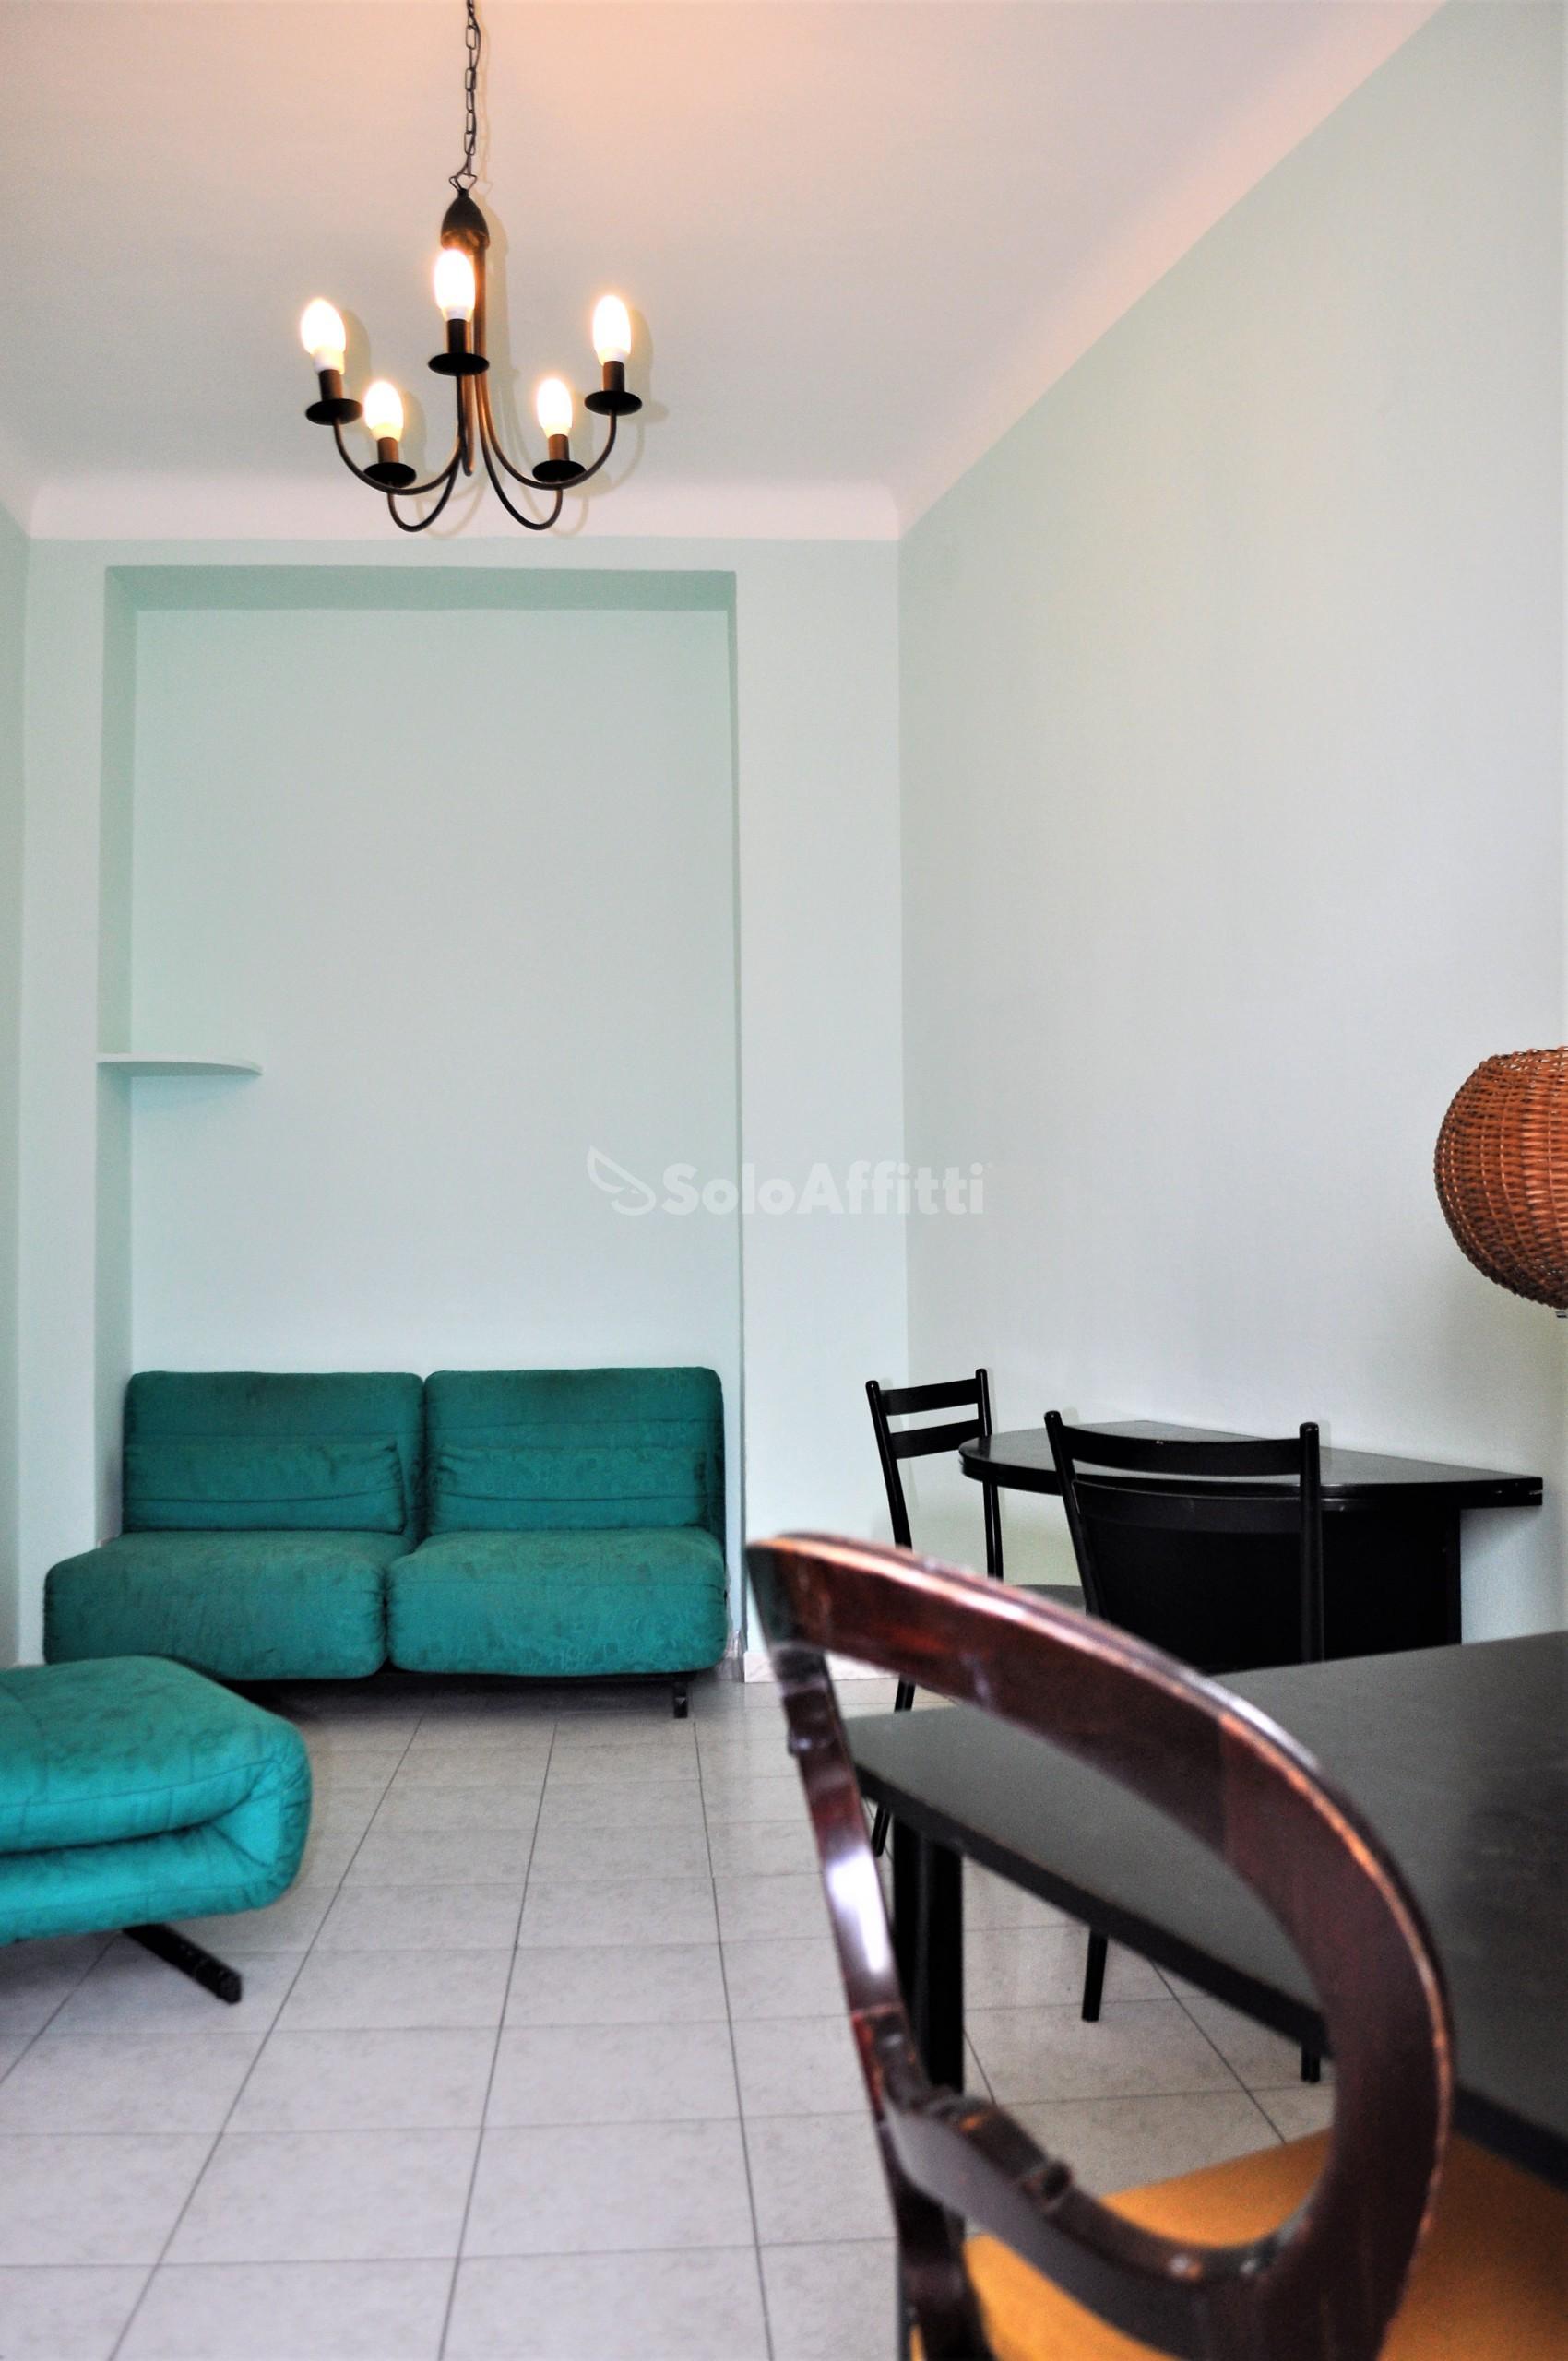 Affitto appartamento bilocale arredato 60 mq for Appartamento arredato milano